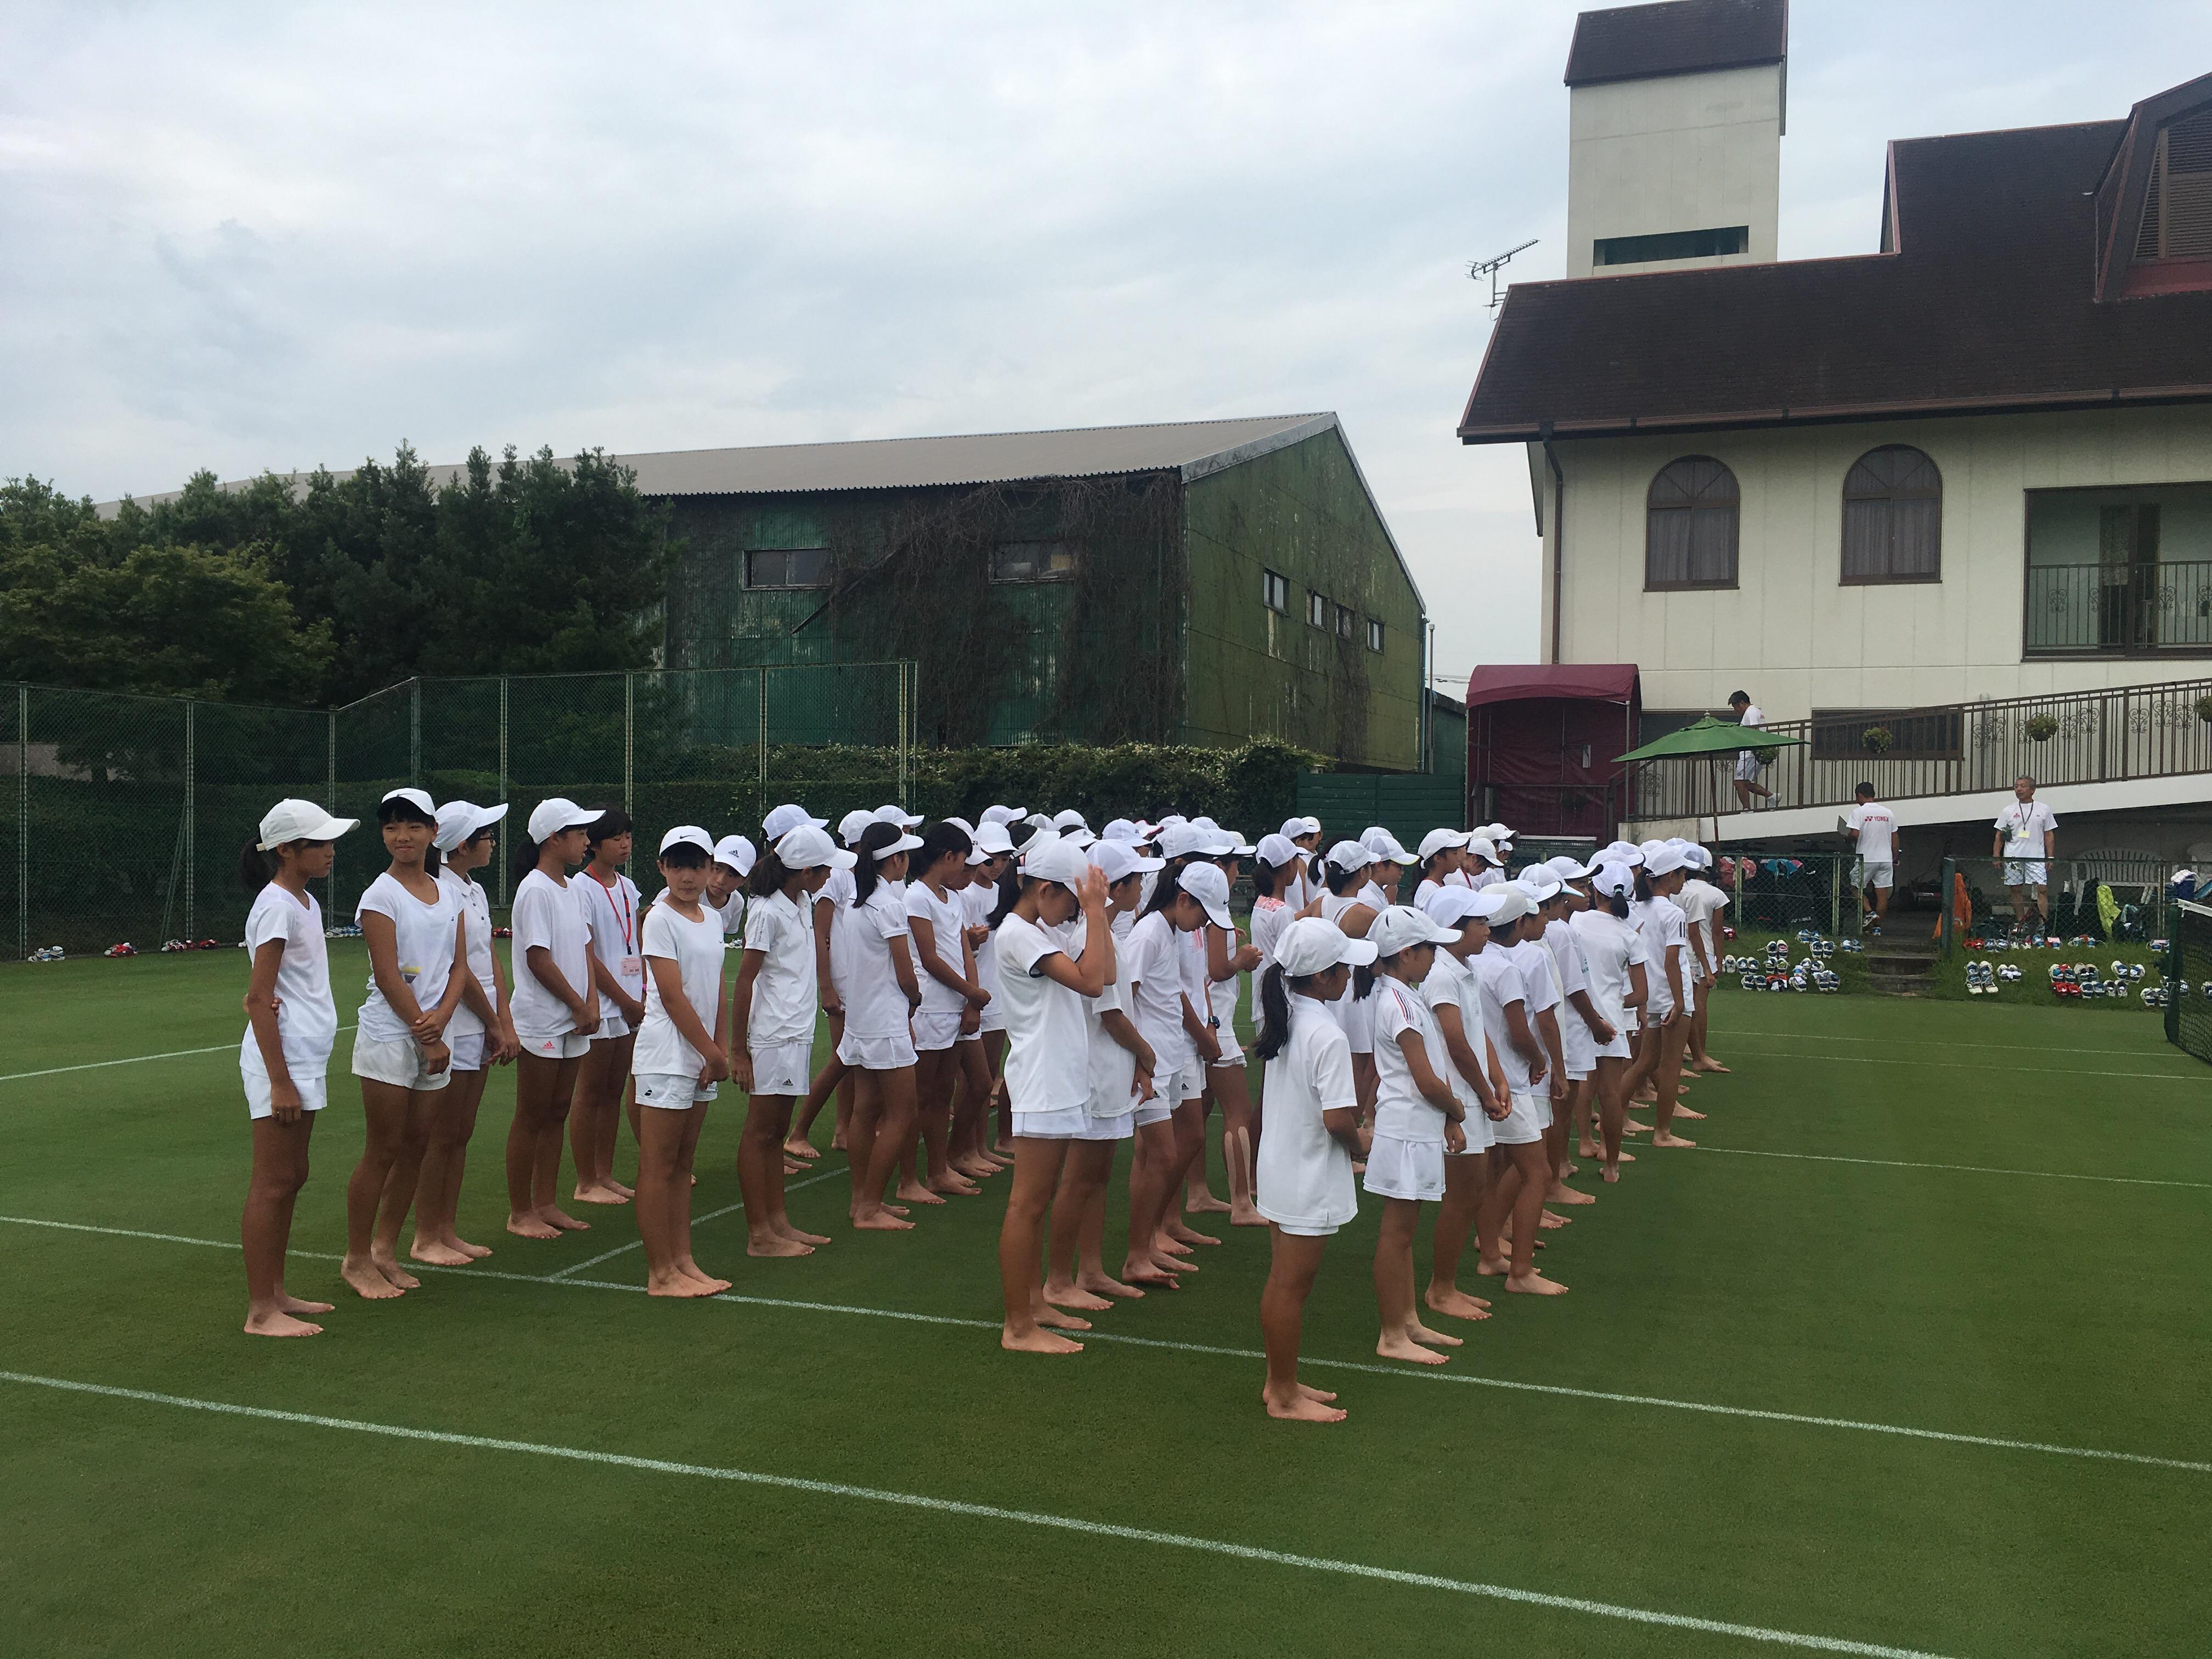 第5回 グラスホパージュニアテニスキャンプ DAY-2。【YUMI BLOG  いつも元気 ♪】